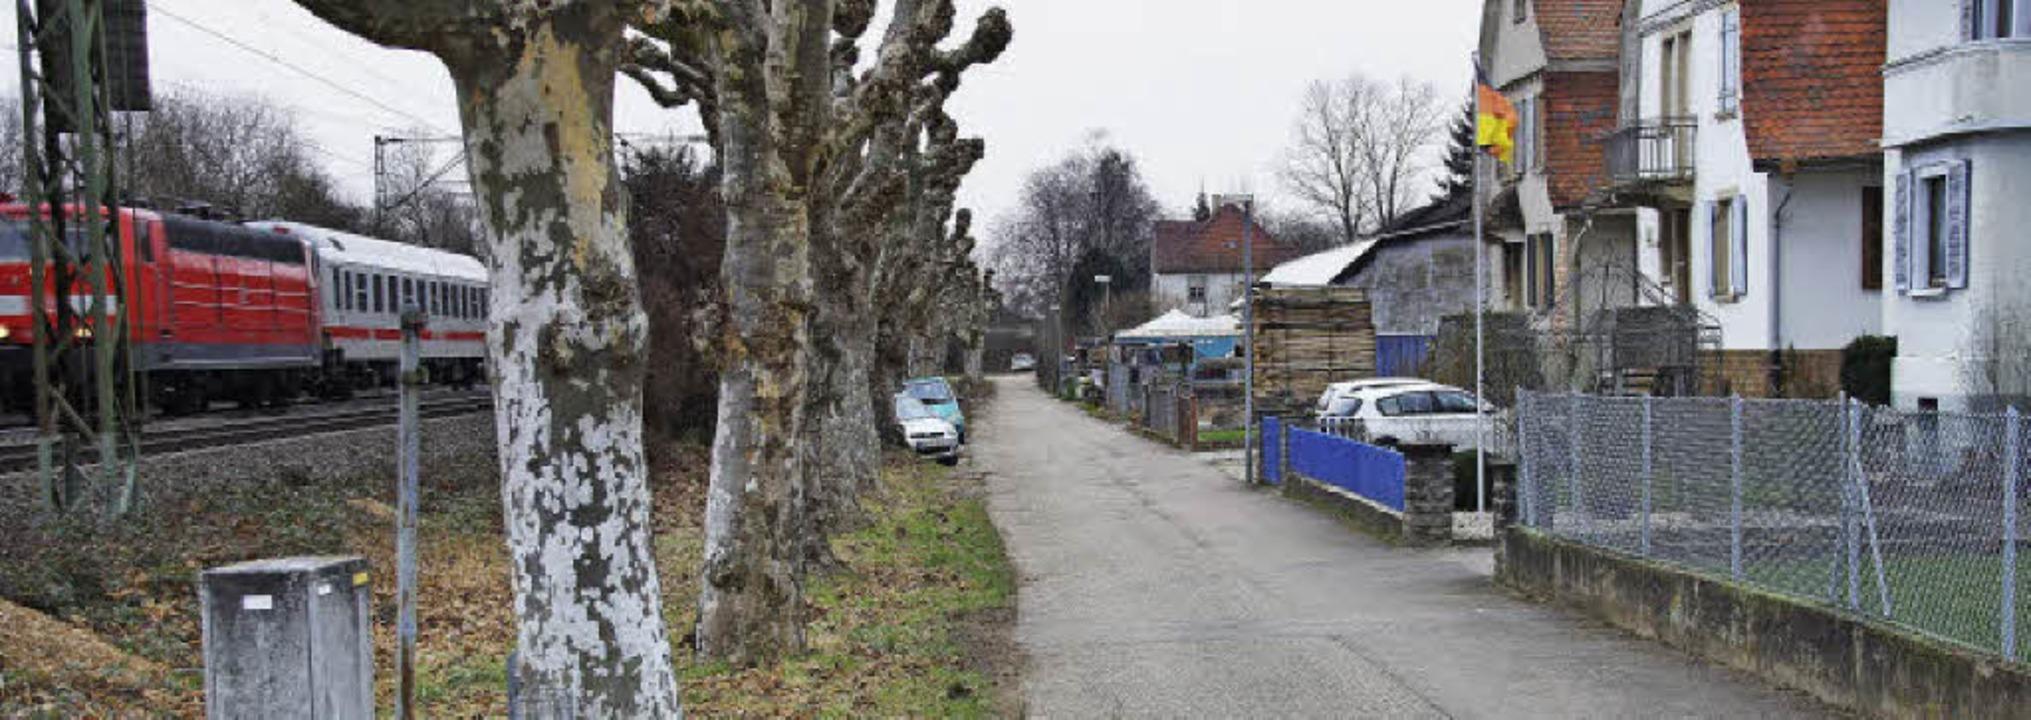 Die Lärmsanierung an der Bahnstrecke i...itigen Vorstellungen erhalten bleiben.  | Foto: Ilona Hüge